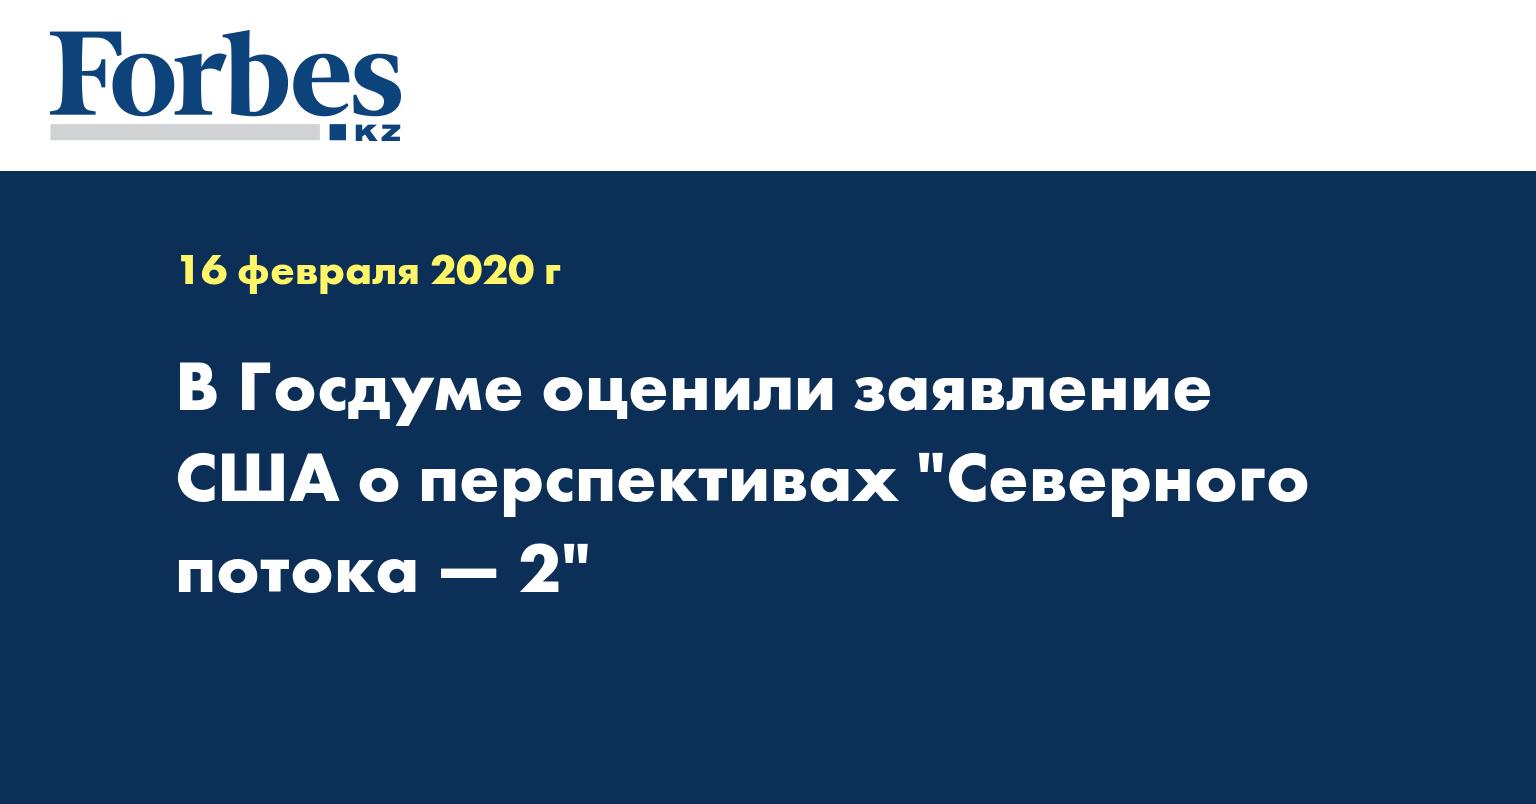 В Госдуме оценили заявление США о перспективах